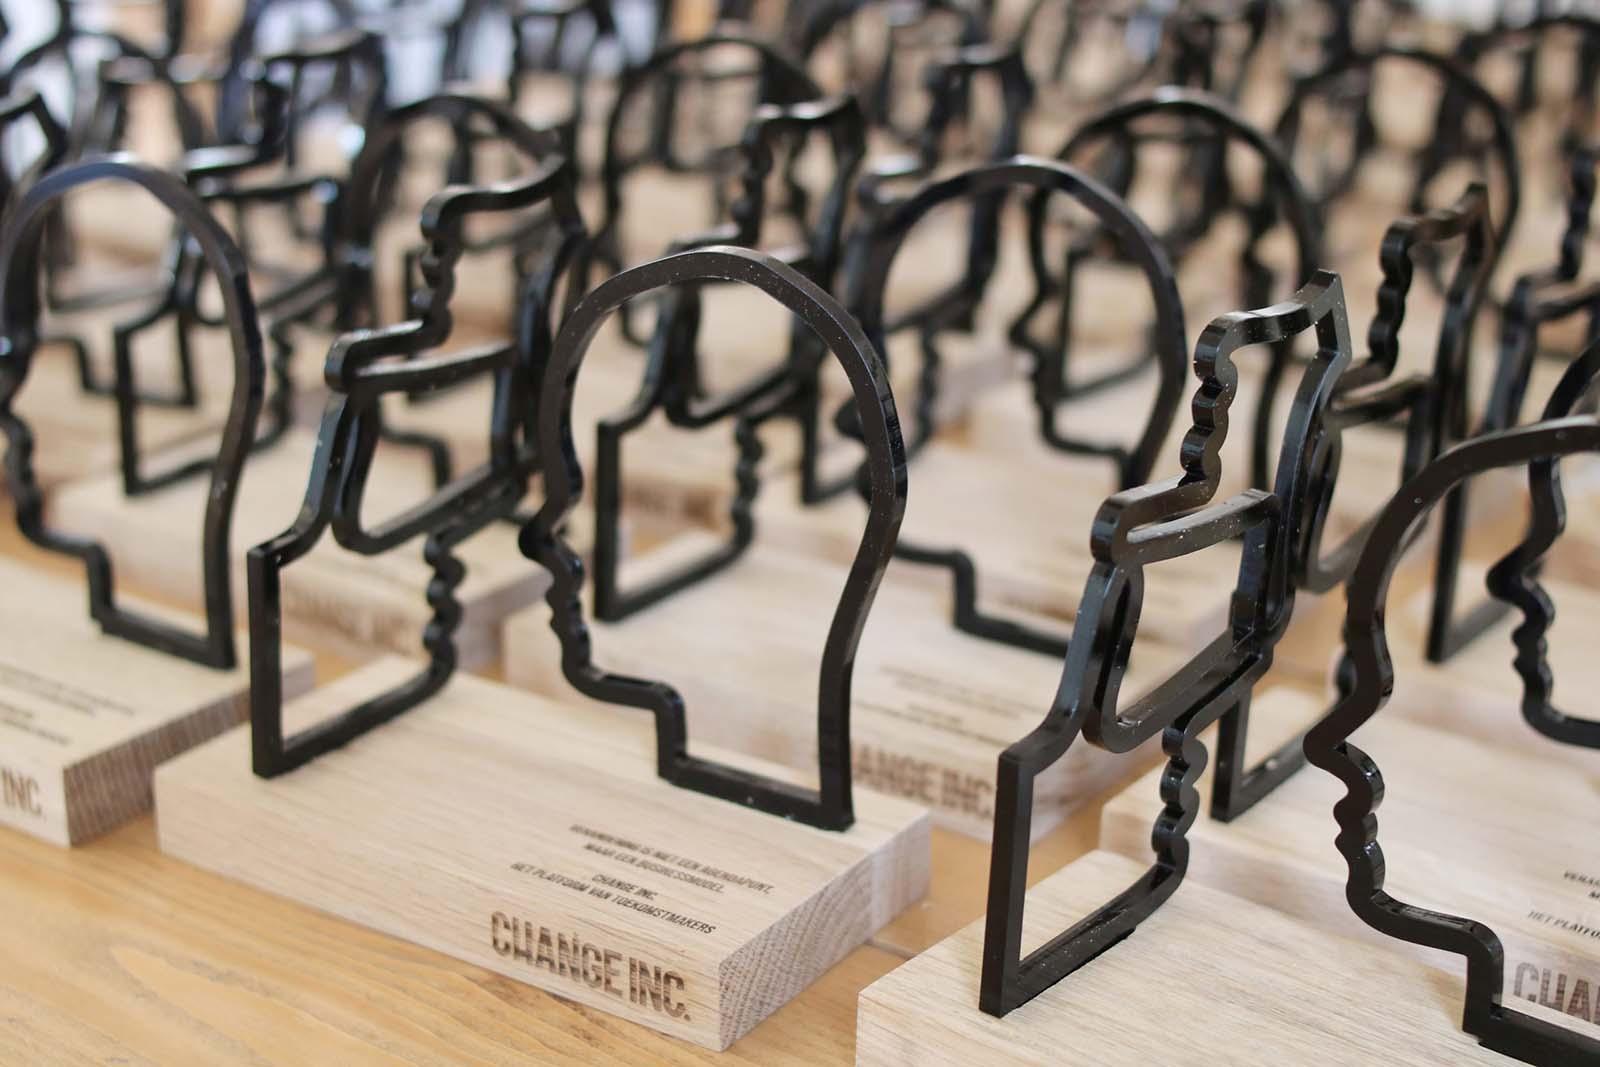 Laserbeest trofee ontwerp voor Change Inc.